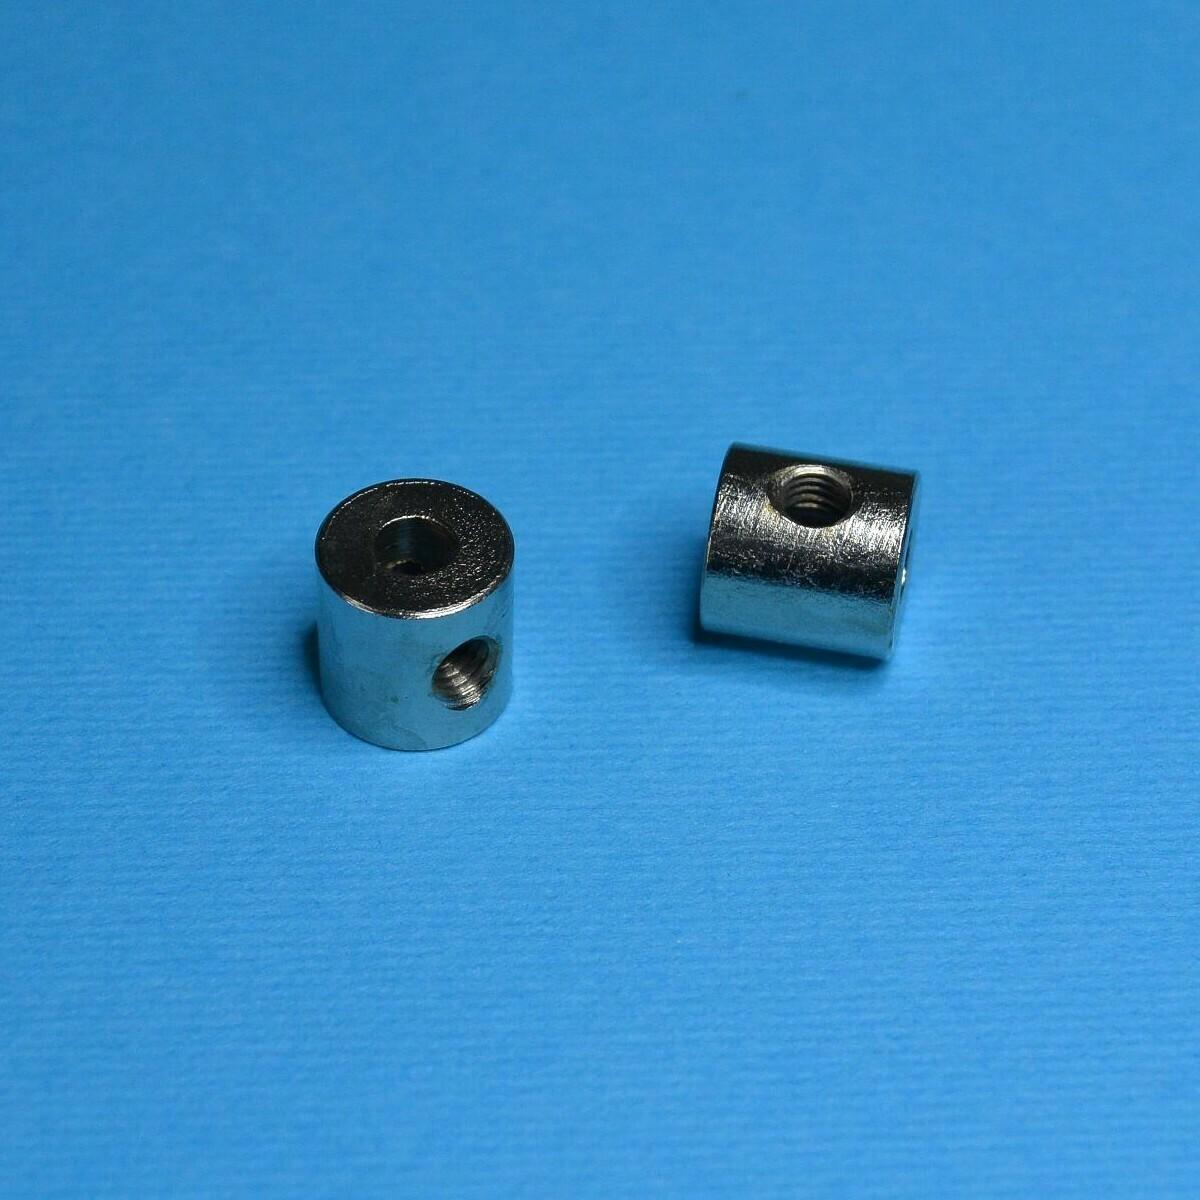 Втулка 10 мм с резьбовыми отверстиями